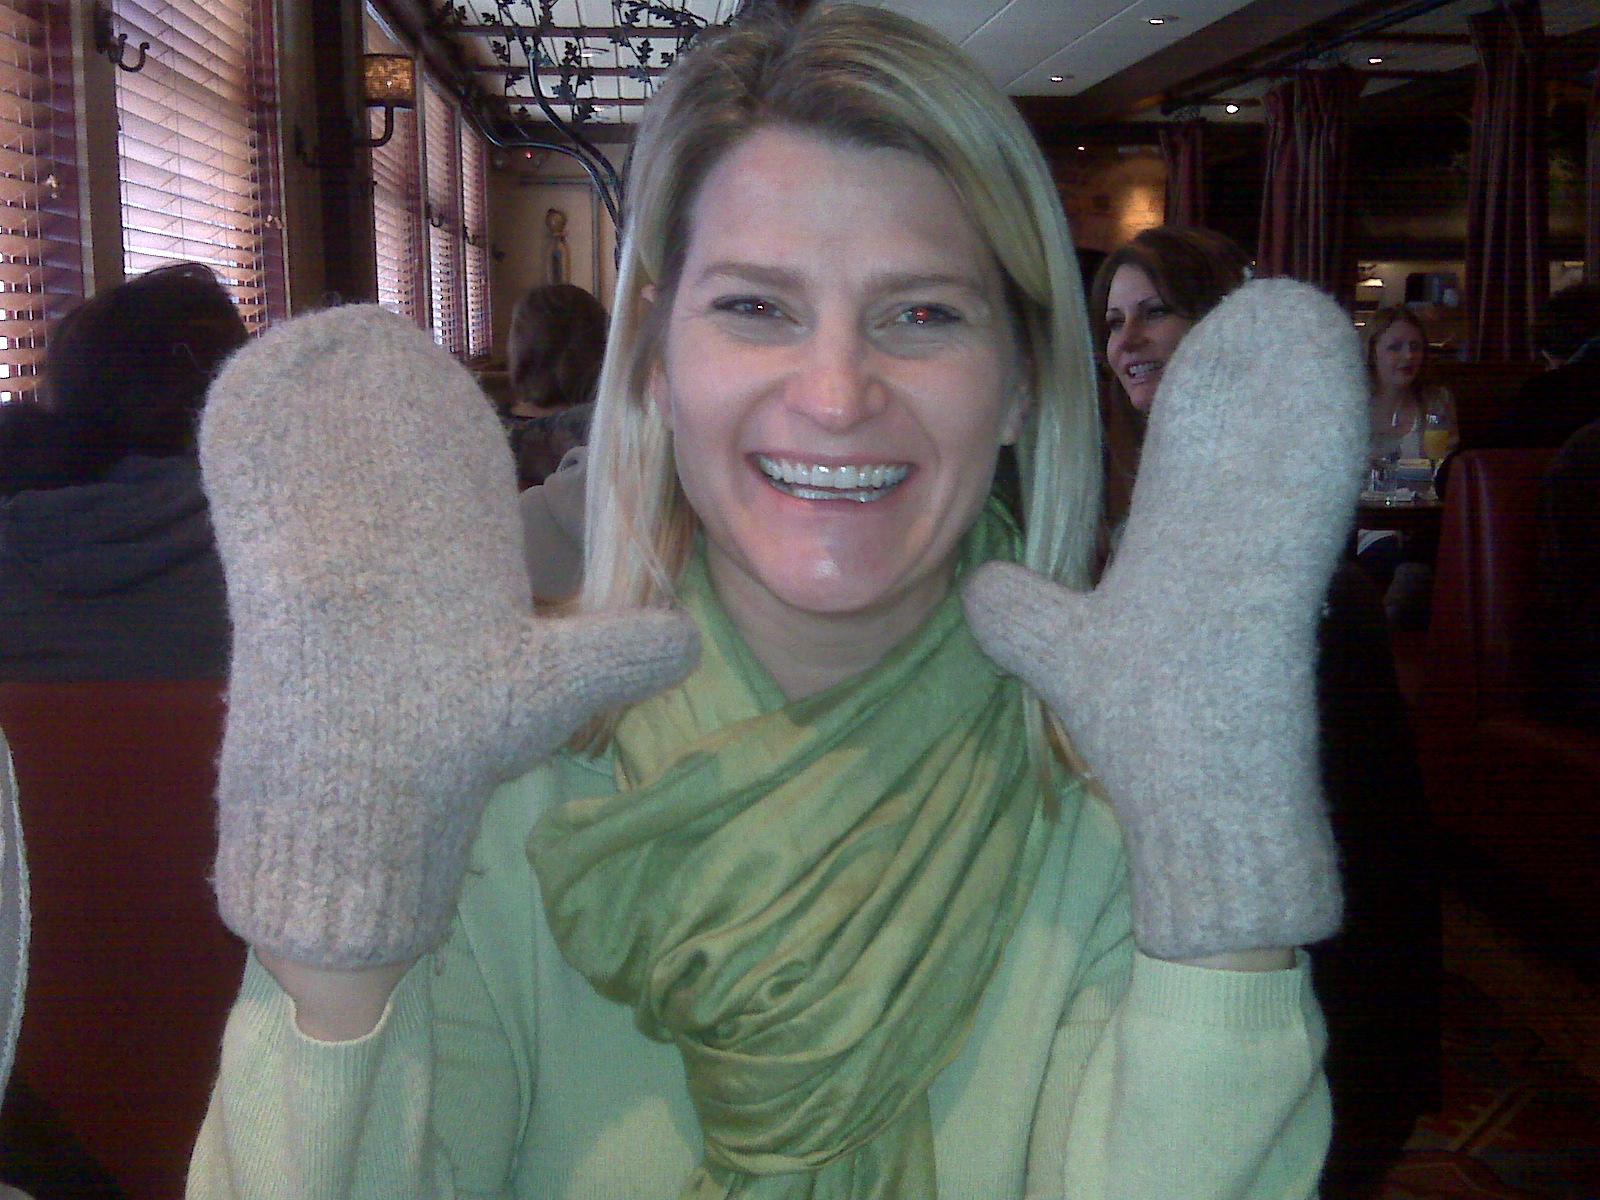 [cass+in+her+mittens.aspx]